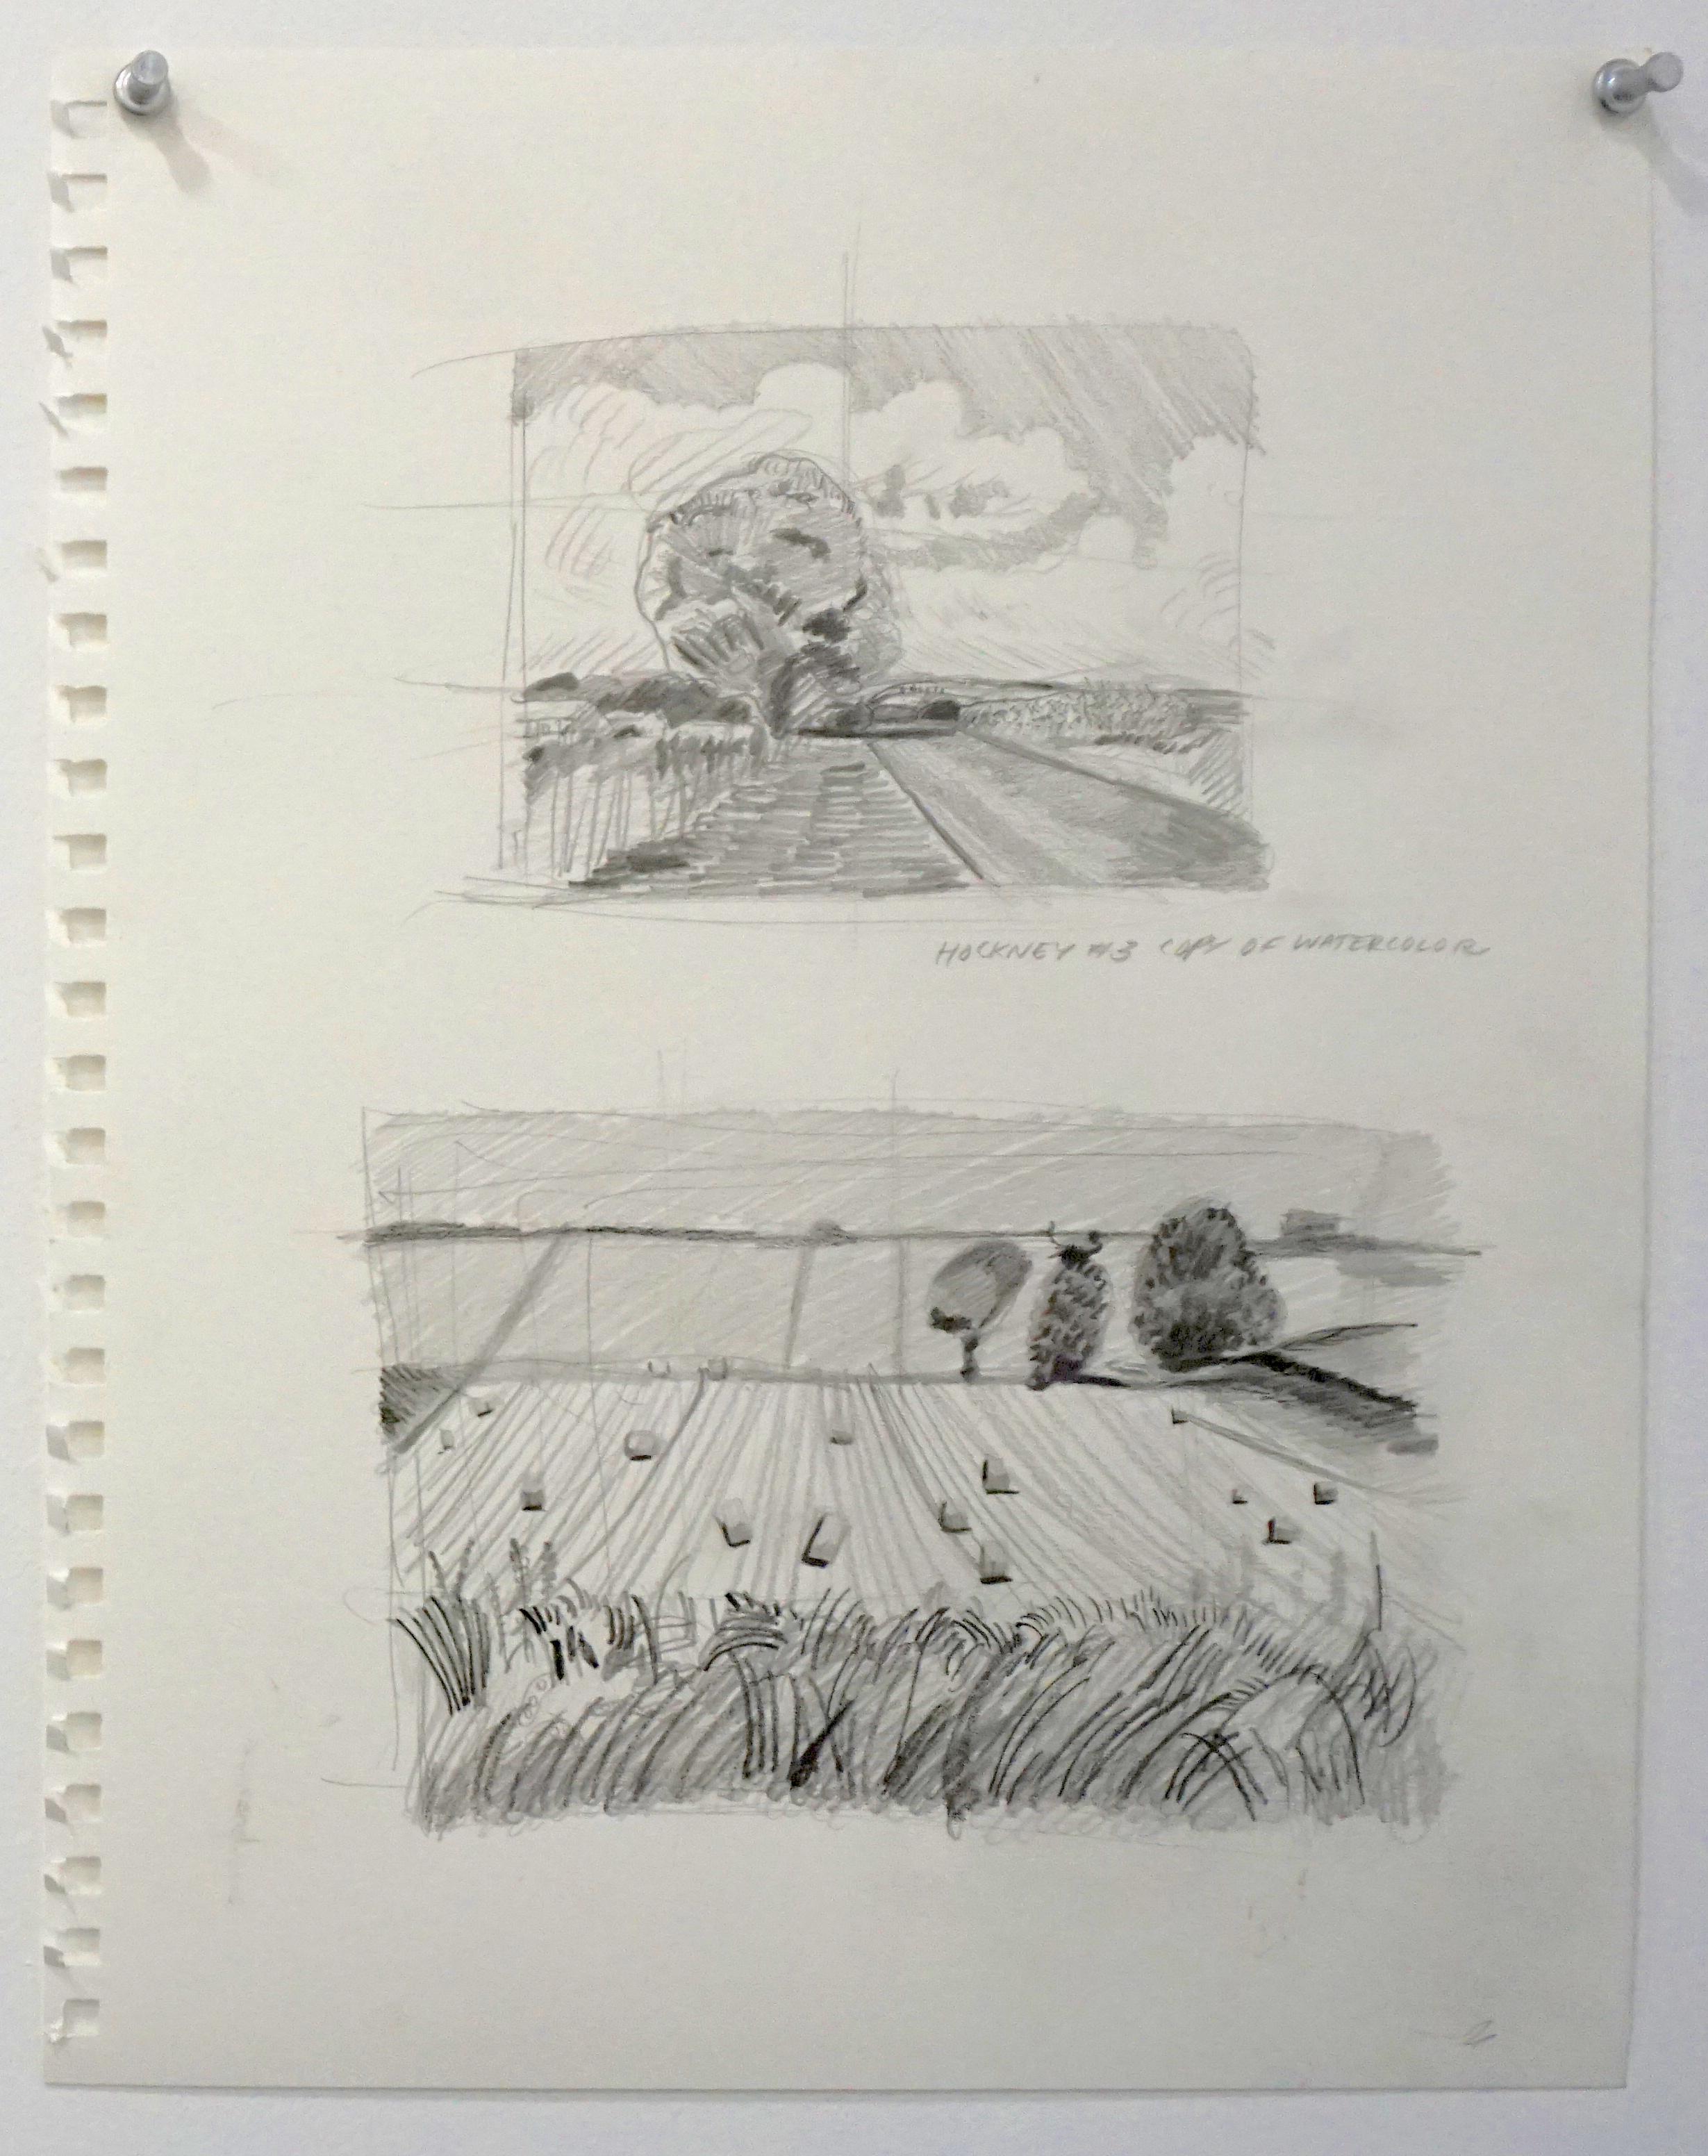 Hockney drawings by kerbi 2.jpeg